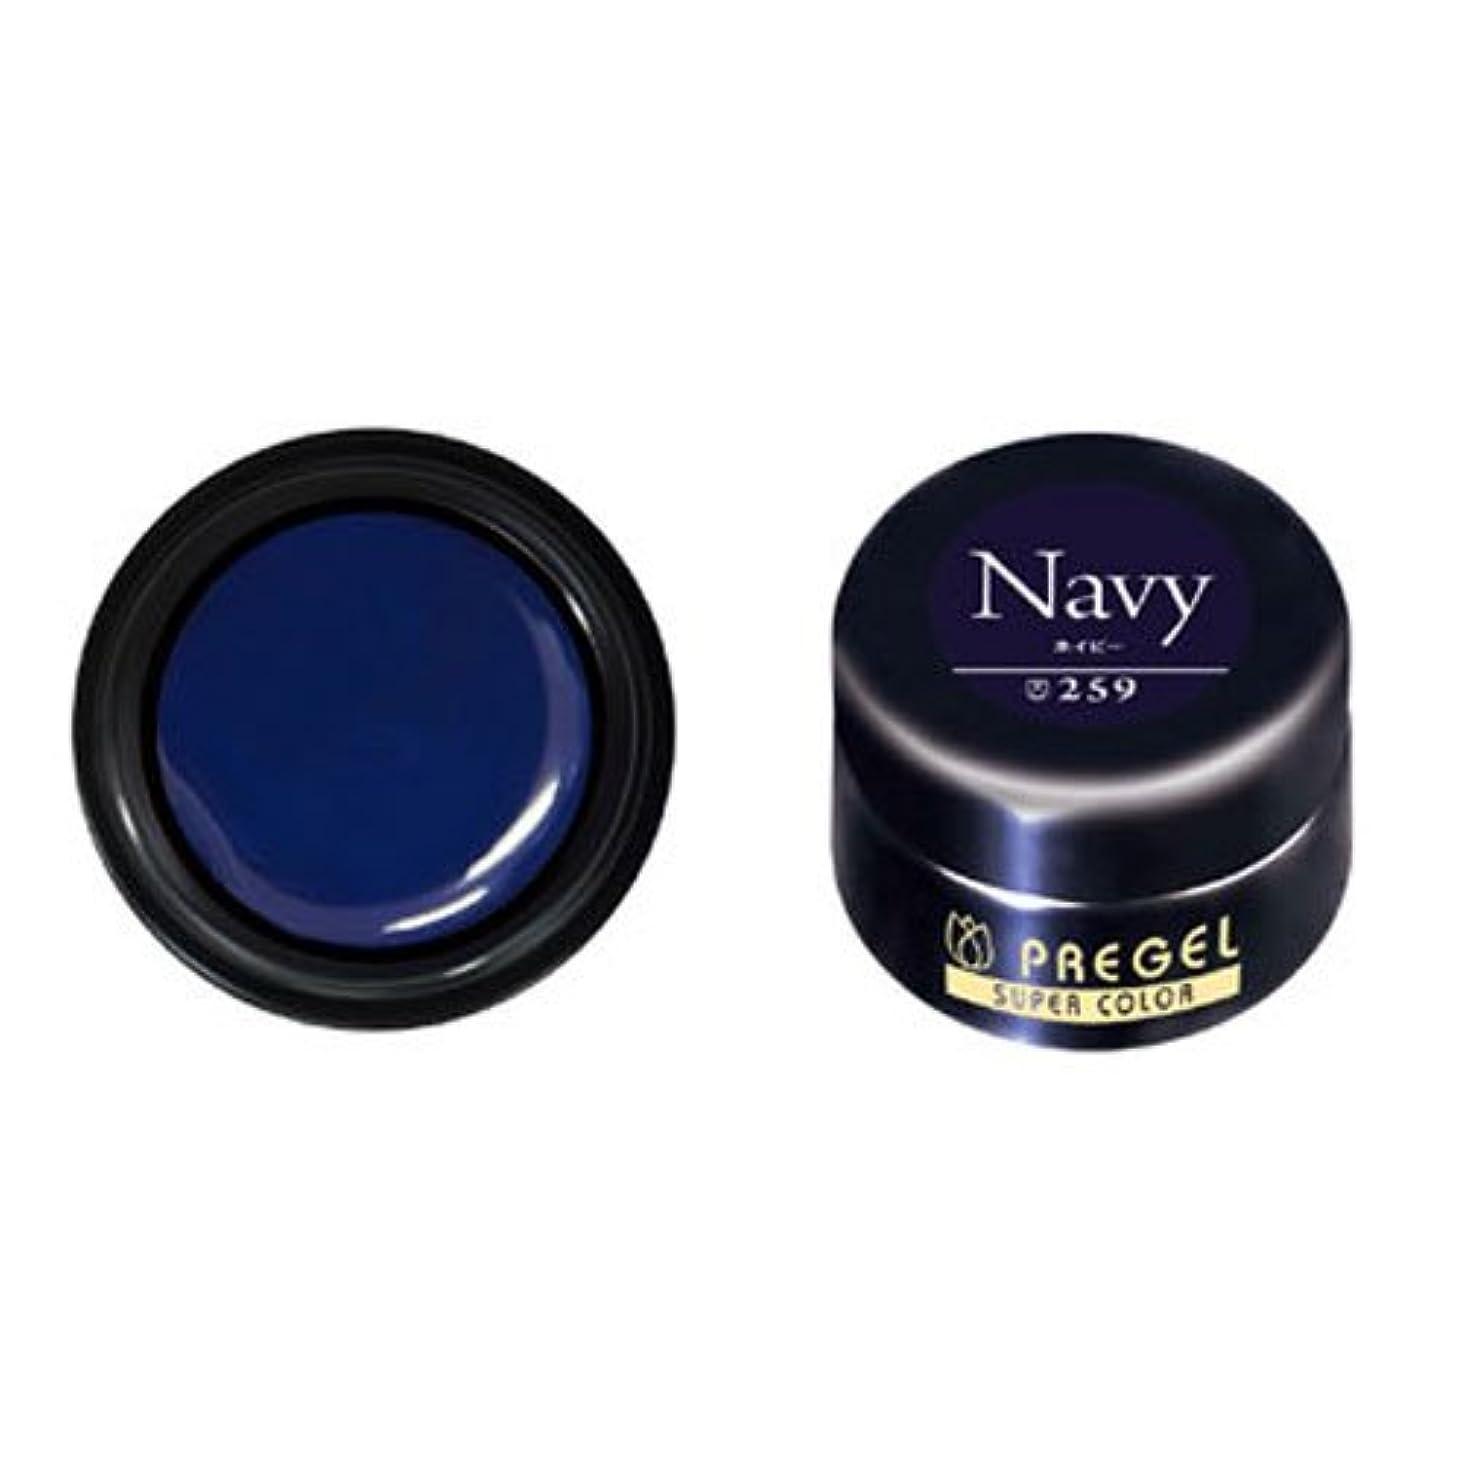 天オセアニア精神的にプリジェル スーパーカラーEX ネイビー 4g PG-SE259 カラージェル UV/LED対応